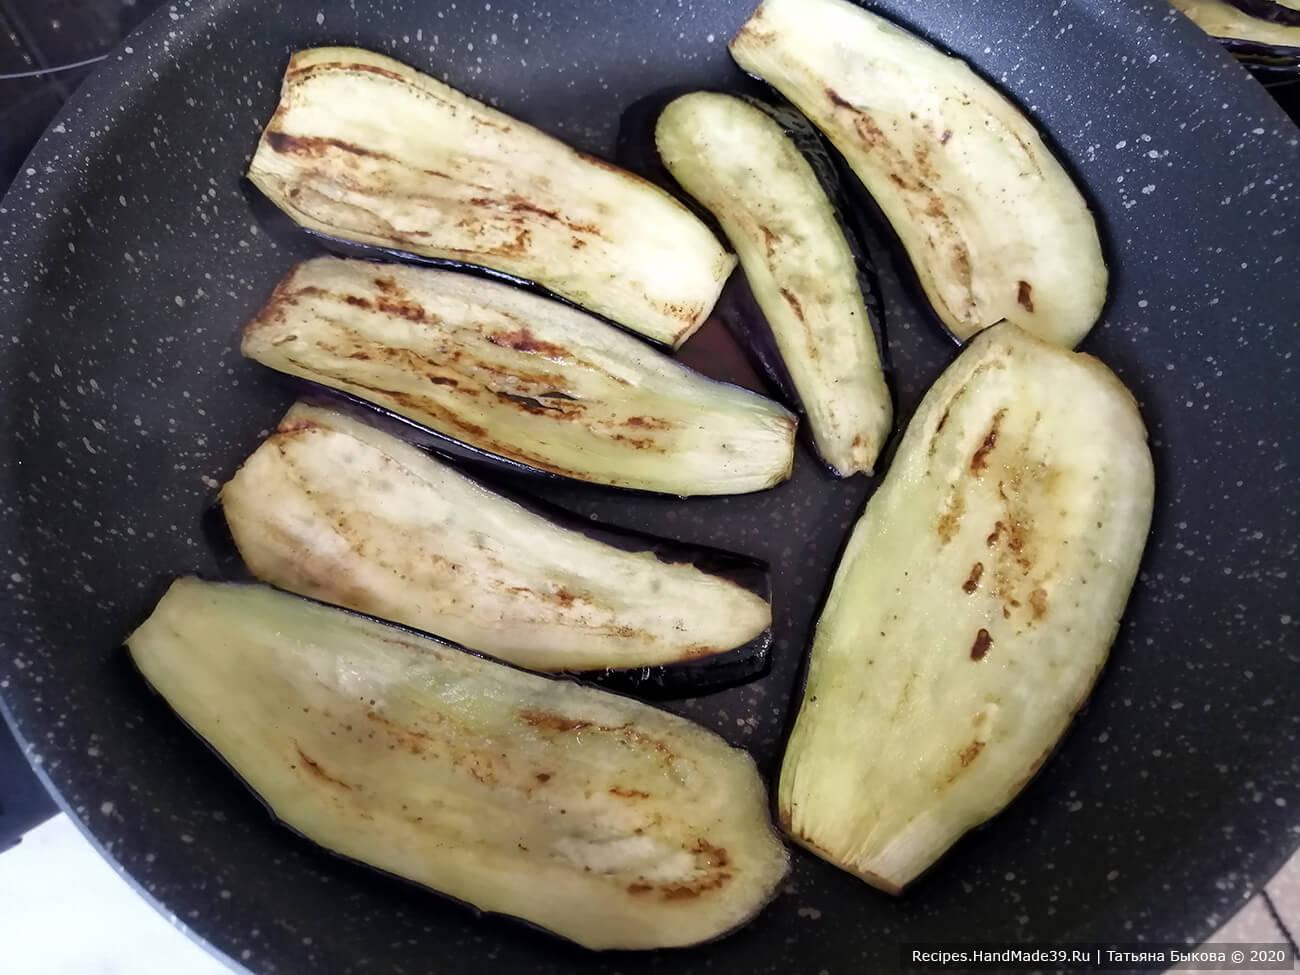 Баклажаны слегка обжарить на сковороде